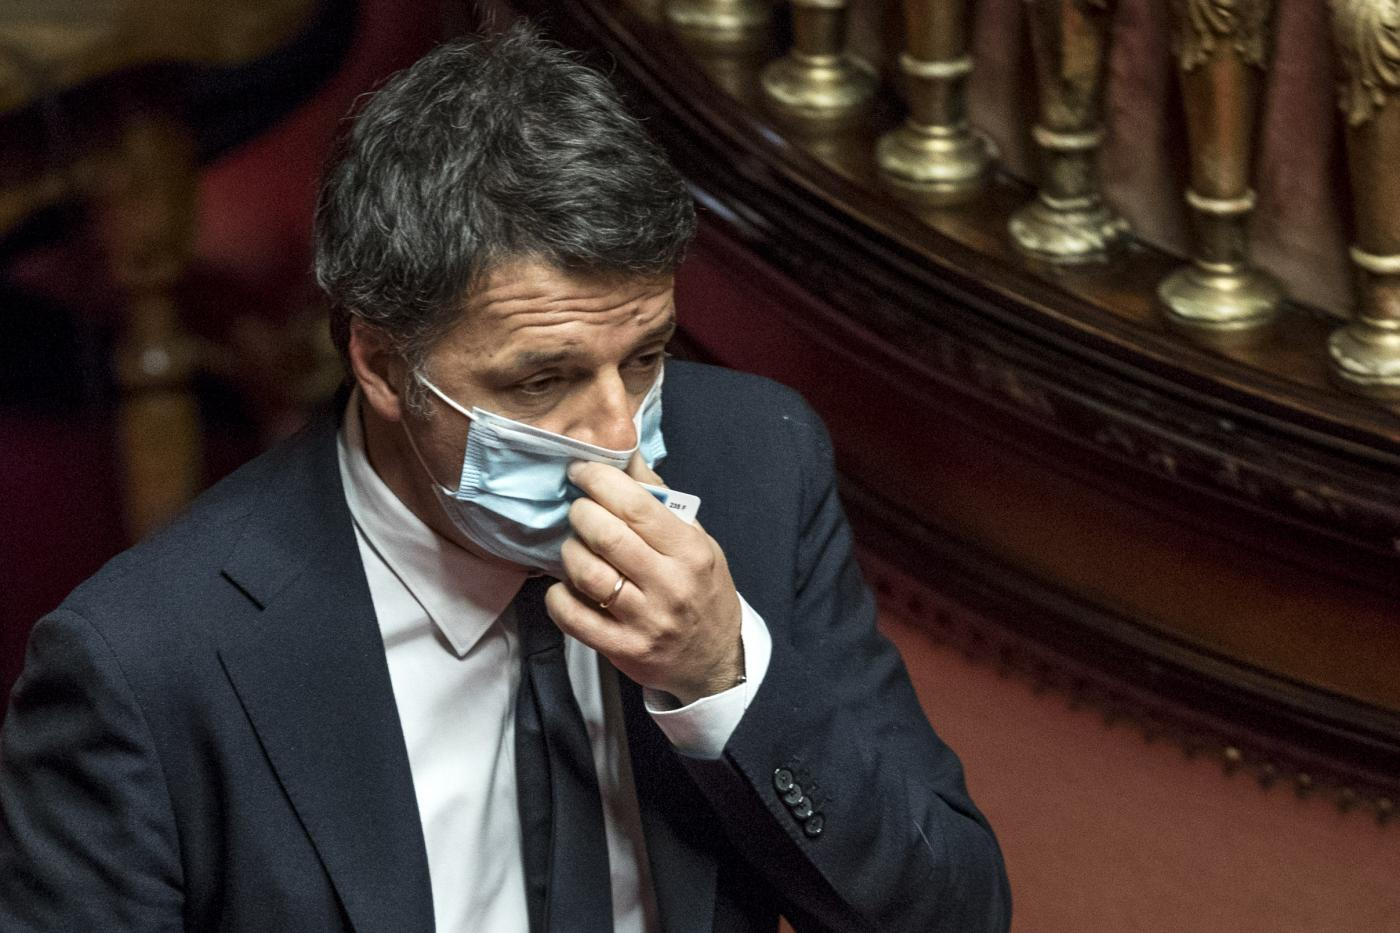 Senato - Scostamento di bilancio. Matteo Renzi